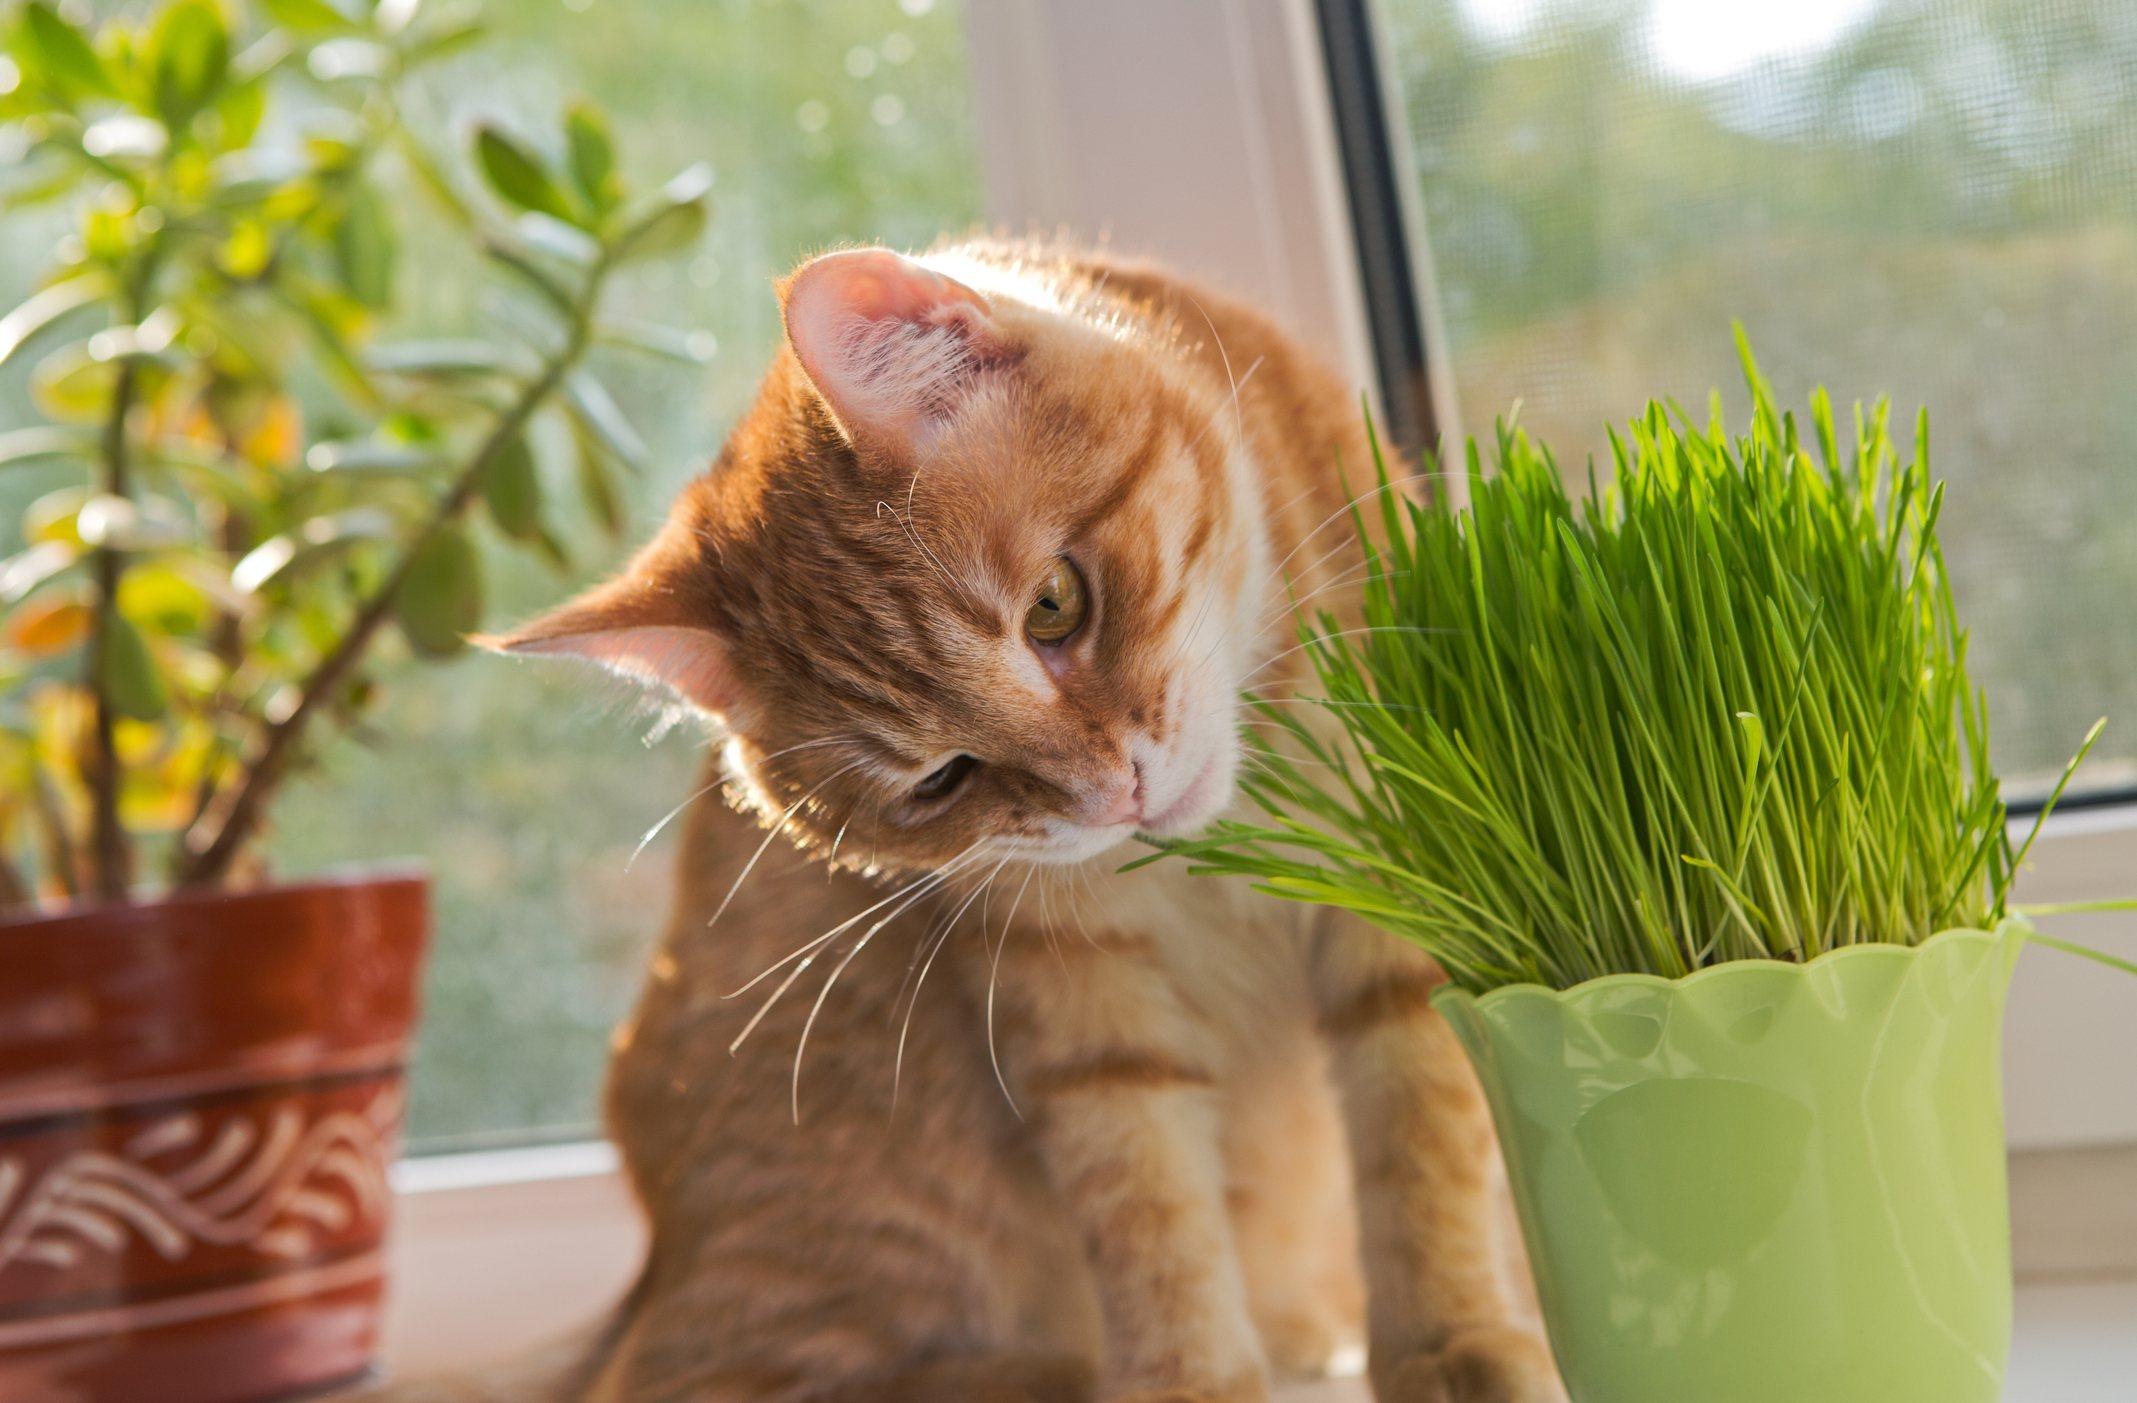 Cat and vase of fresh catnip